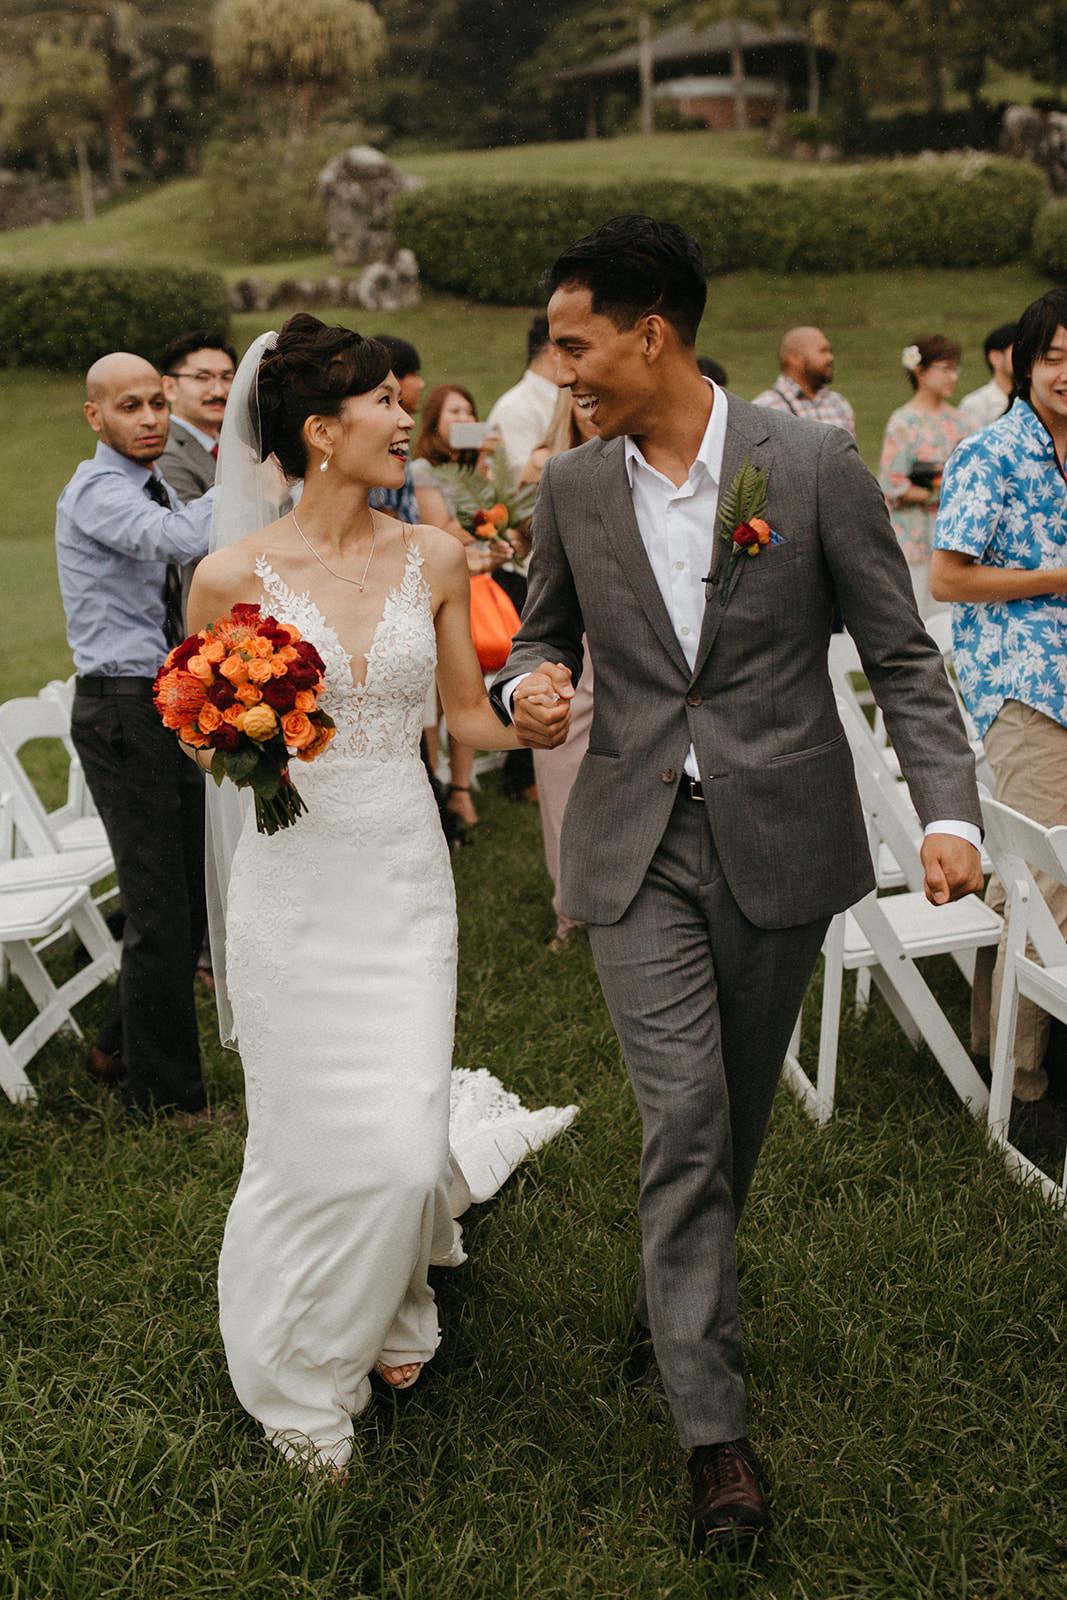 Kualoa_Hawaii_wedding_paliku28.jpg